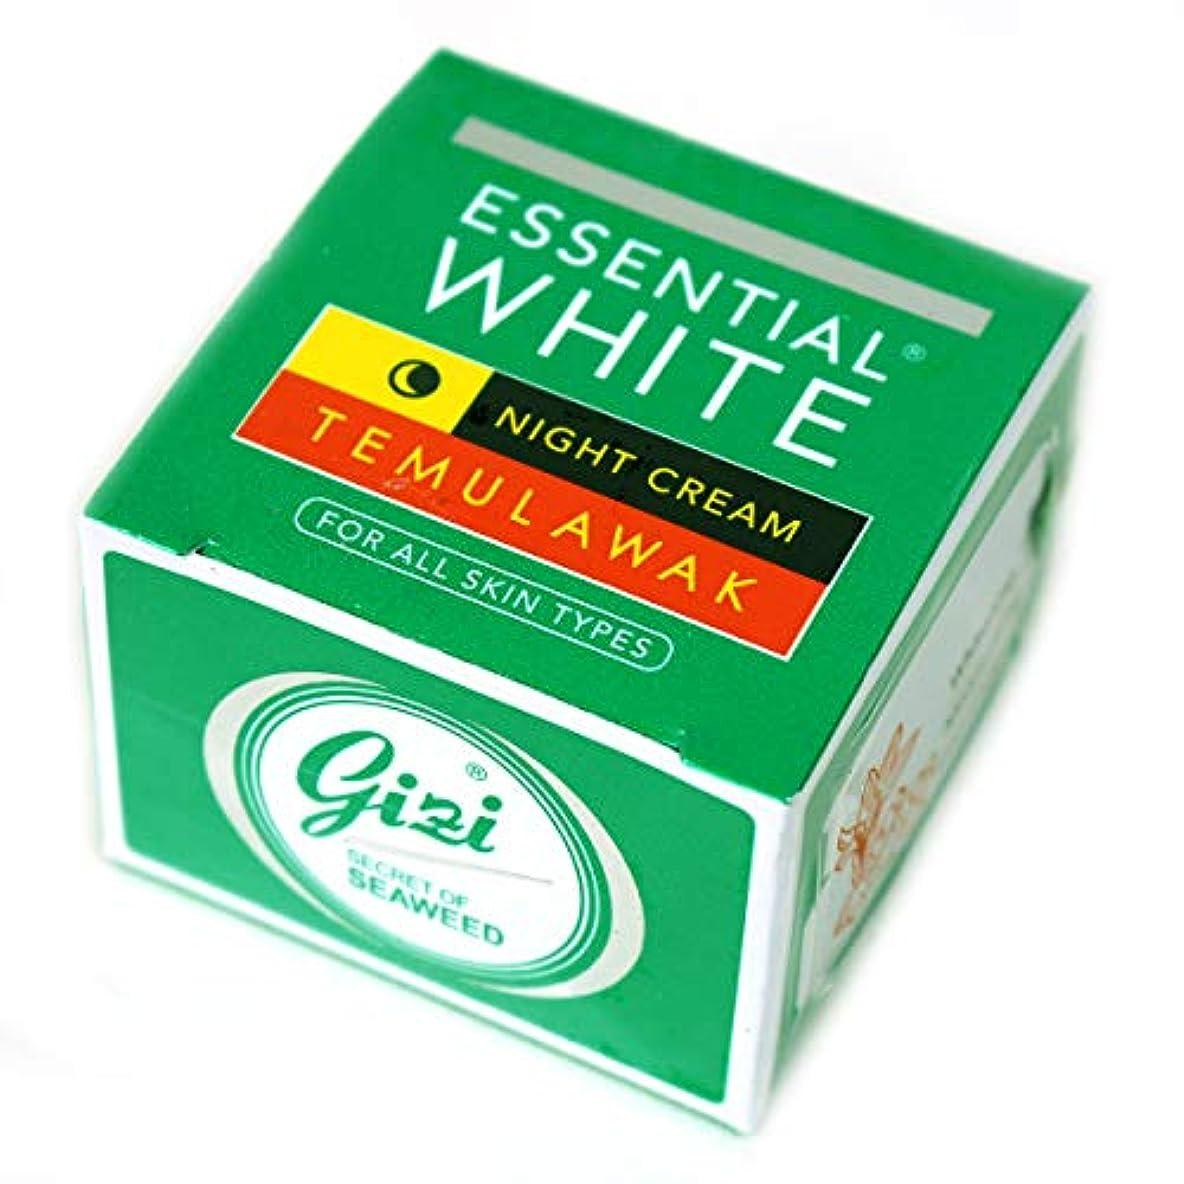 リアル収入作るギジ gizi Essential White ナイト用スキンケアクリーム ボトルタイプ 9g テムラワク ウコン など天然成分配合 [海外直送品]